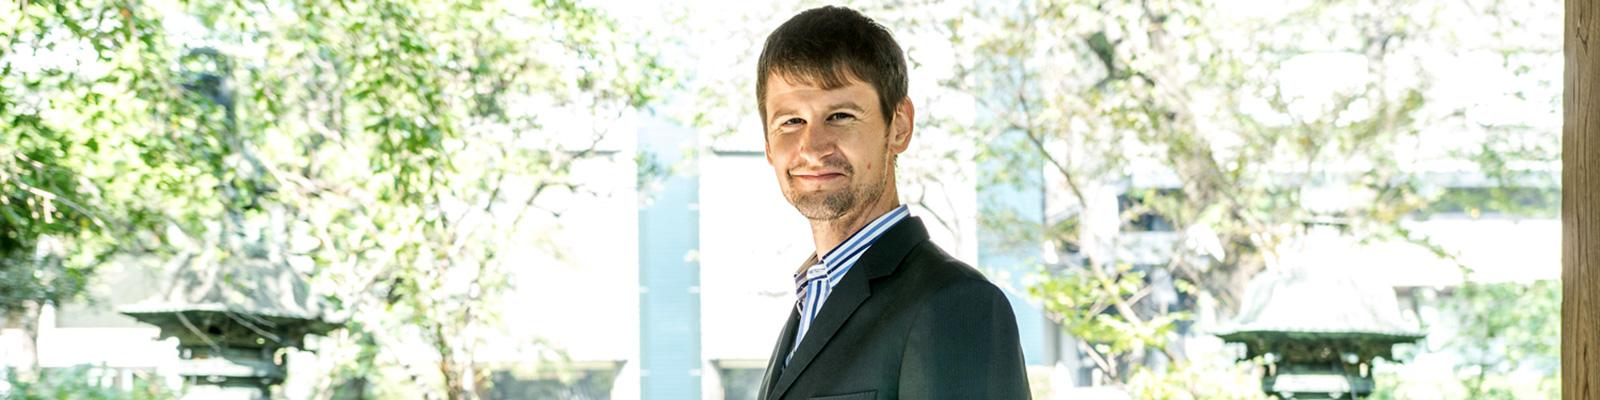 プロセラネットワークス Director, Global Solutions Architect Anton Gunnarsson